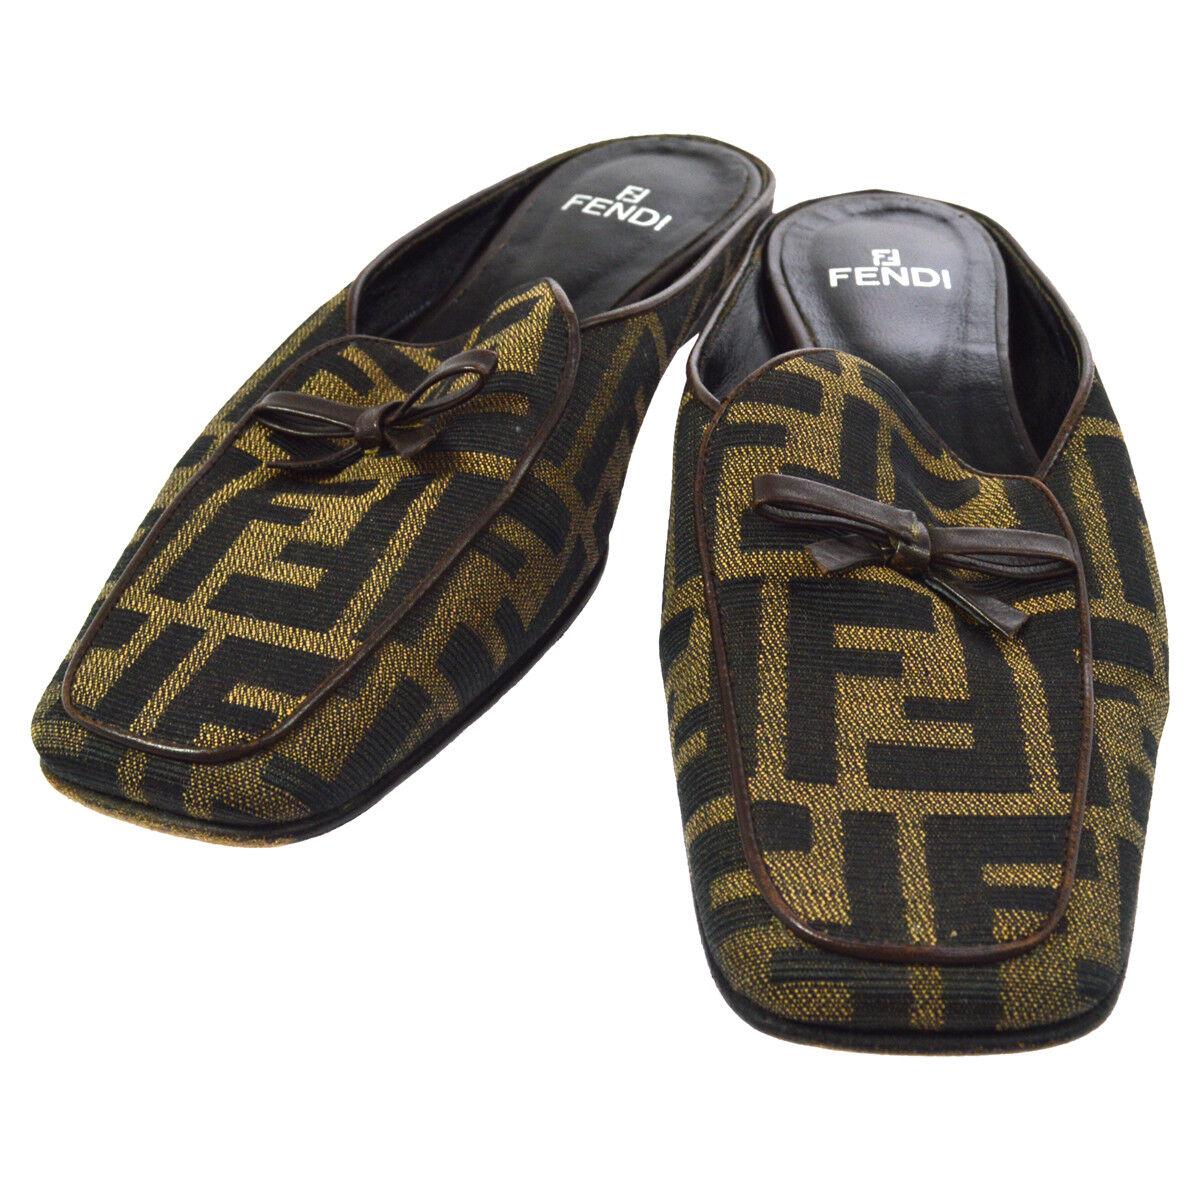 Authentic FENDI Zucca patrón Sandalias Zapatos Marrón Negro Nailon  2 AK25502